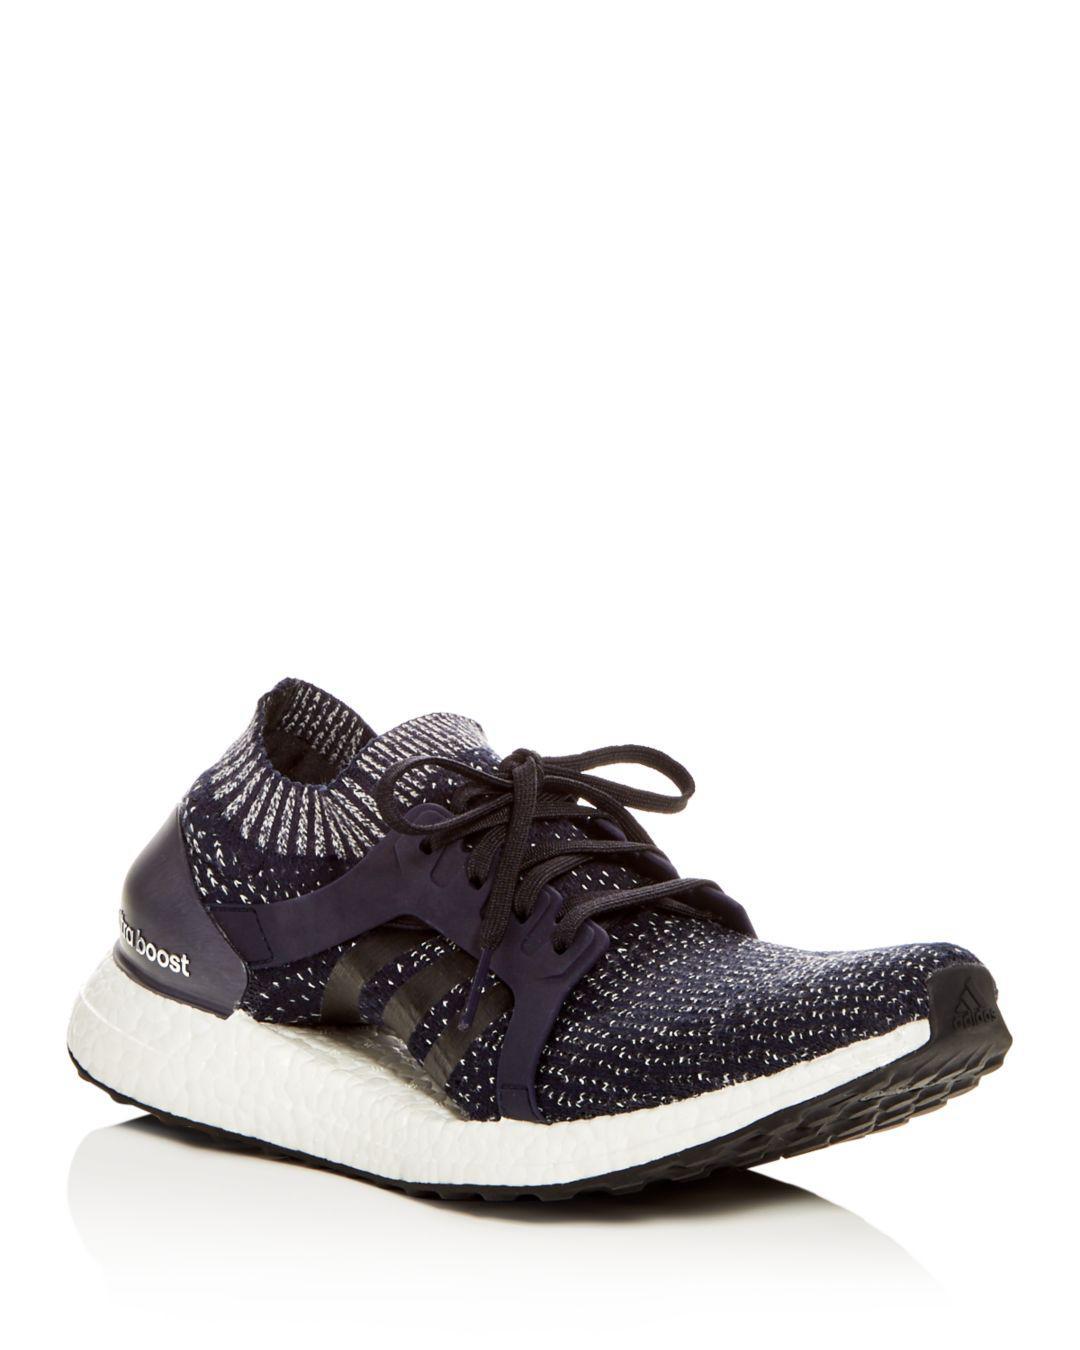 d35894cf0eba Lyst - adidas Women s Ultraboost X Knit Lace Up Sneakers in Black